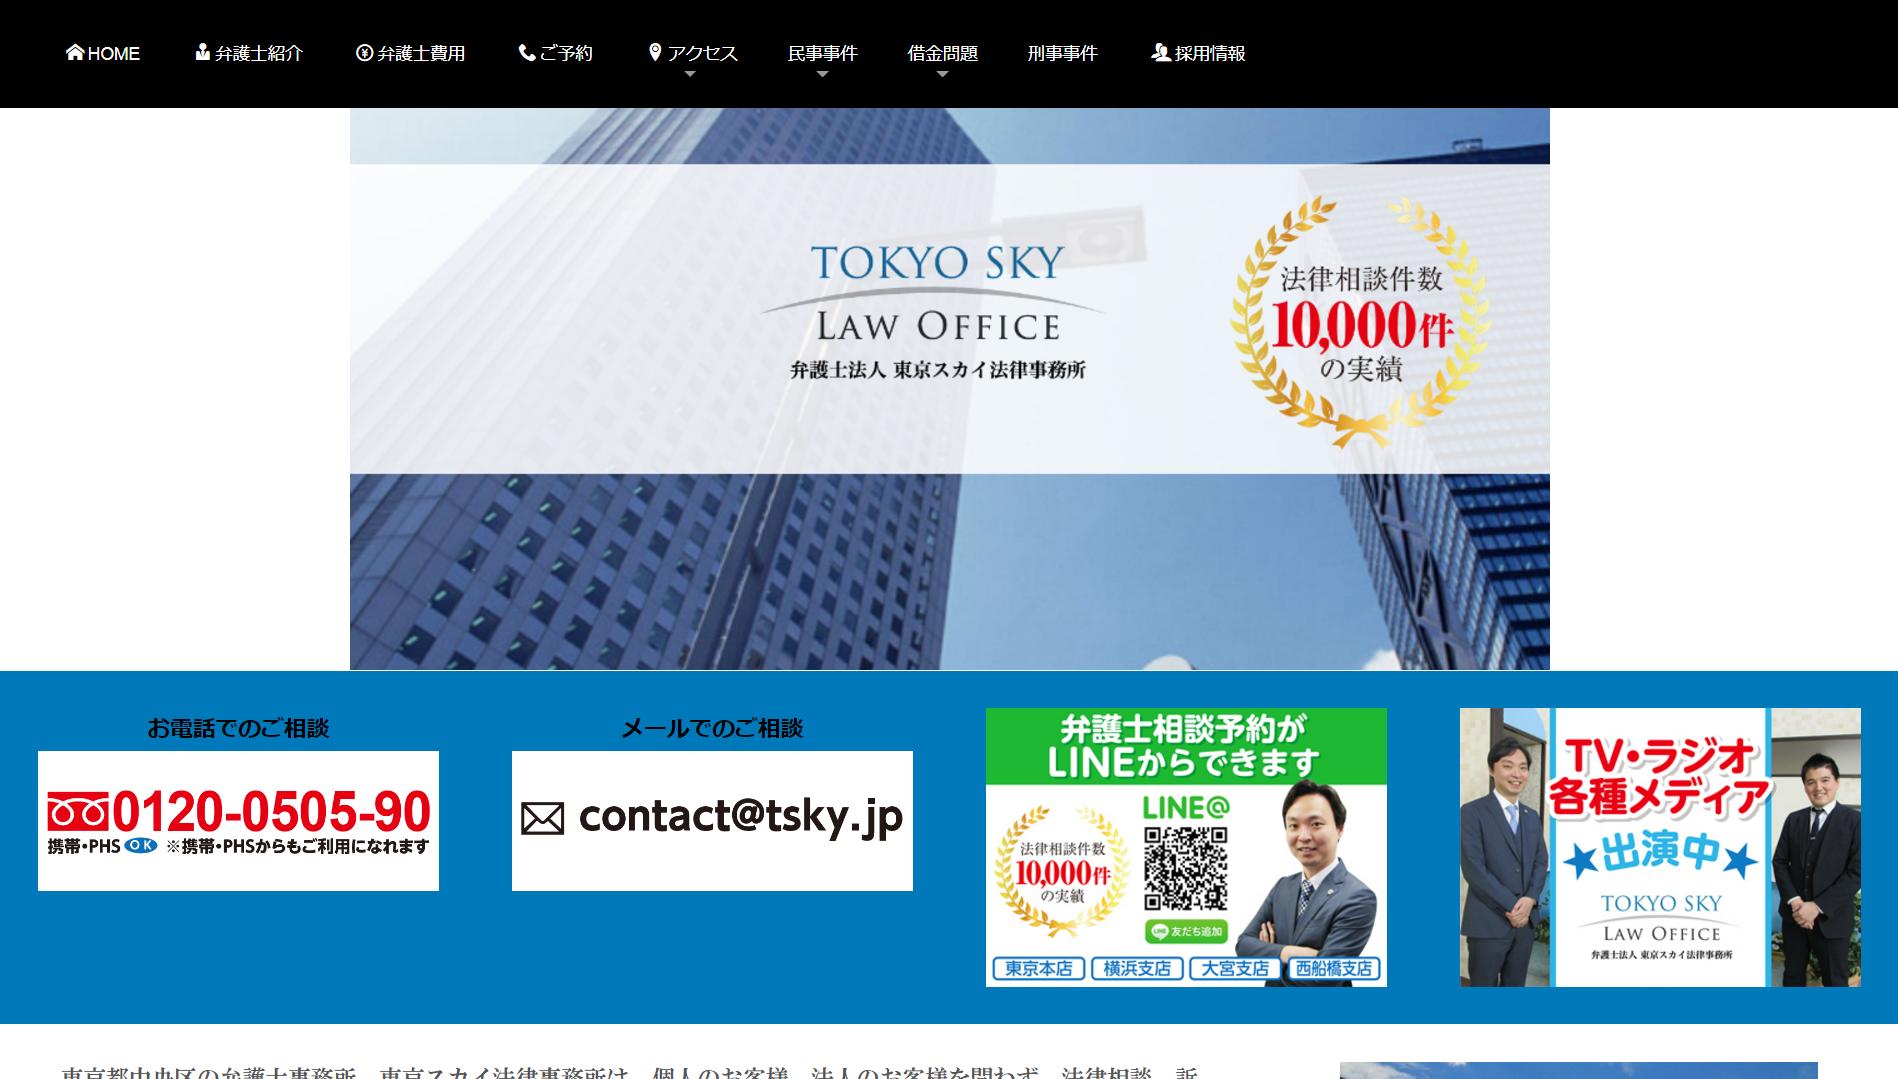 弁護士法人東京スカイ法律事務所(東京都中央区八重洲)